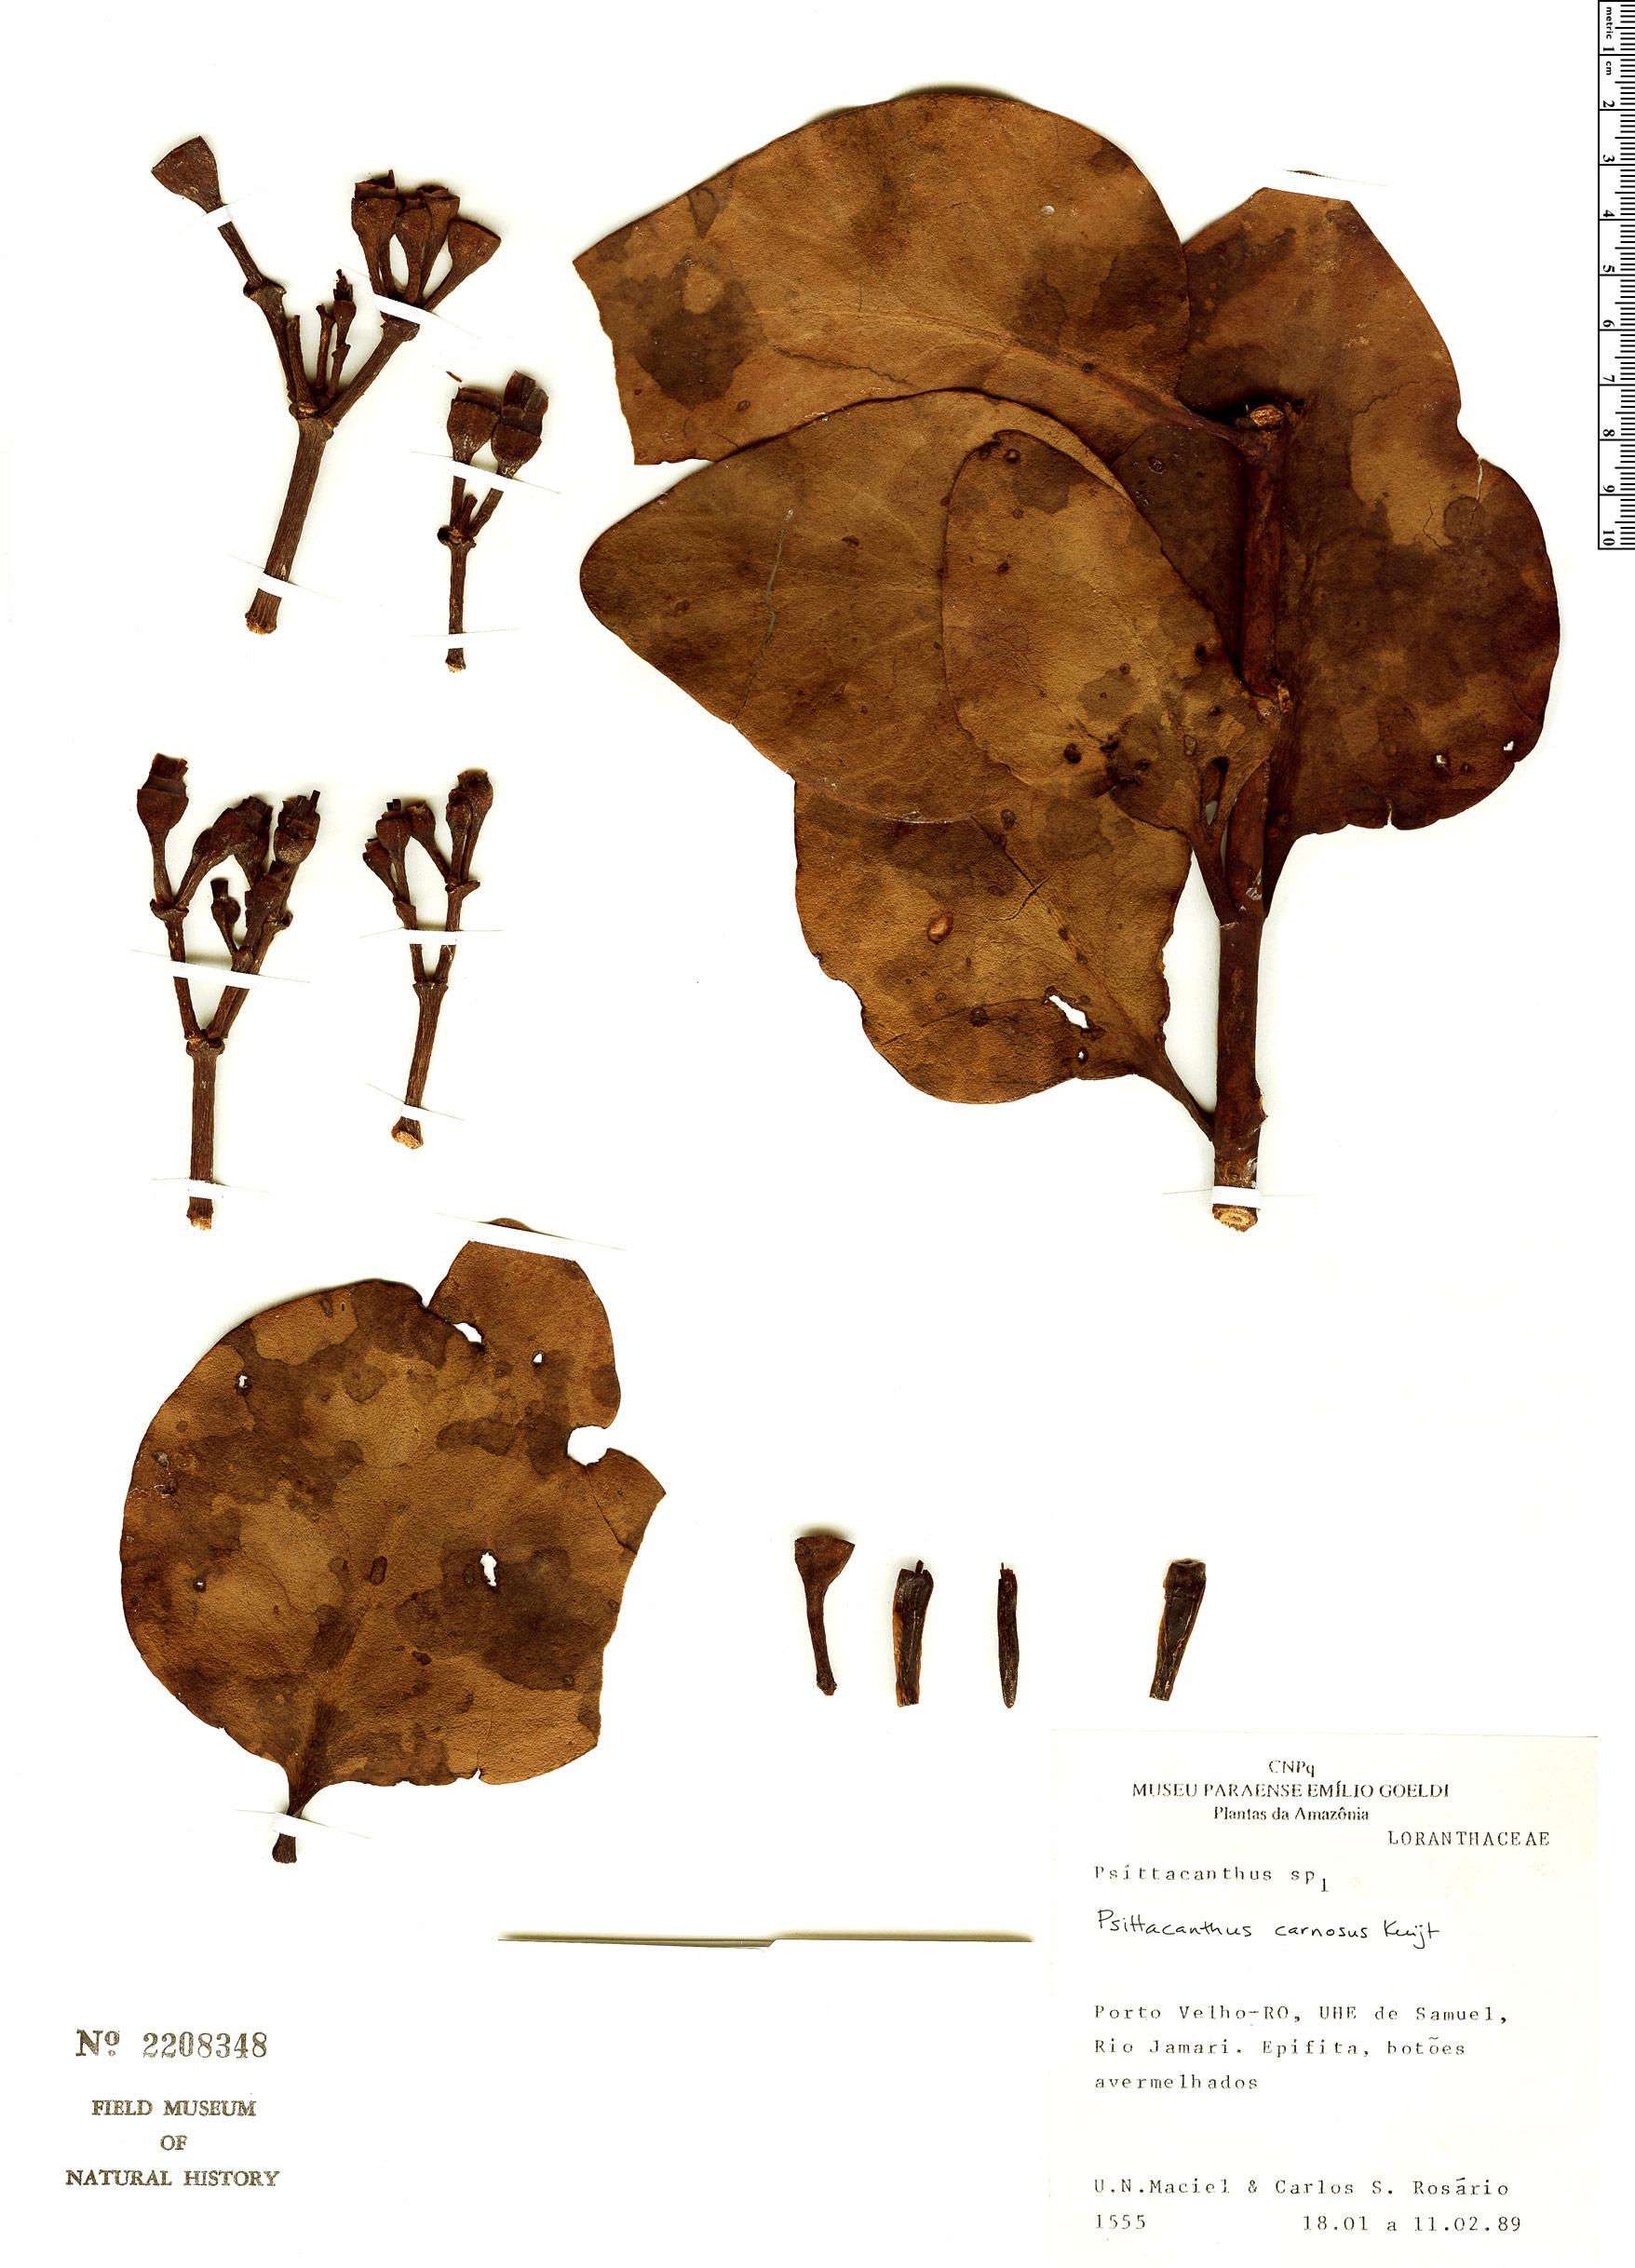 Specimen: Psittacanthus carnosus